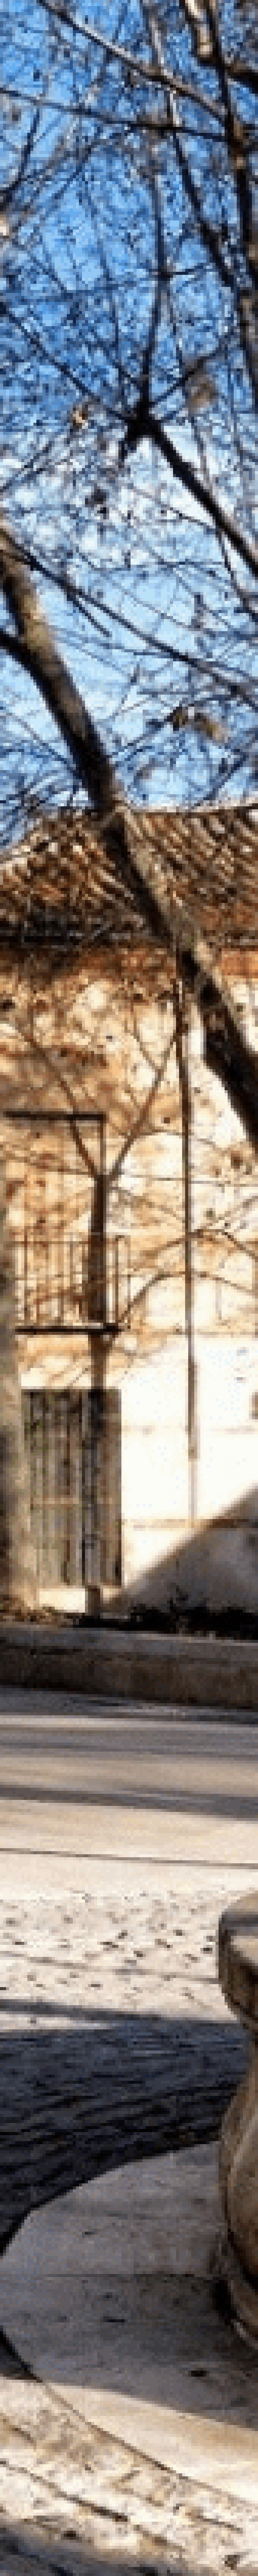 Visit Alcalá de Henares